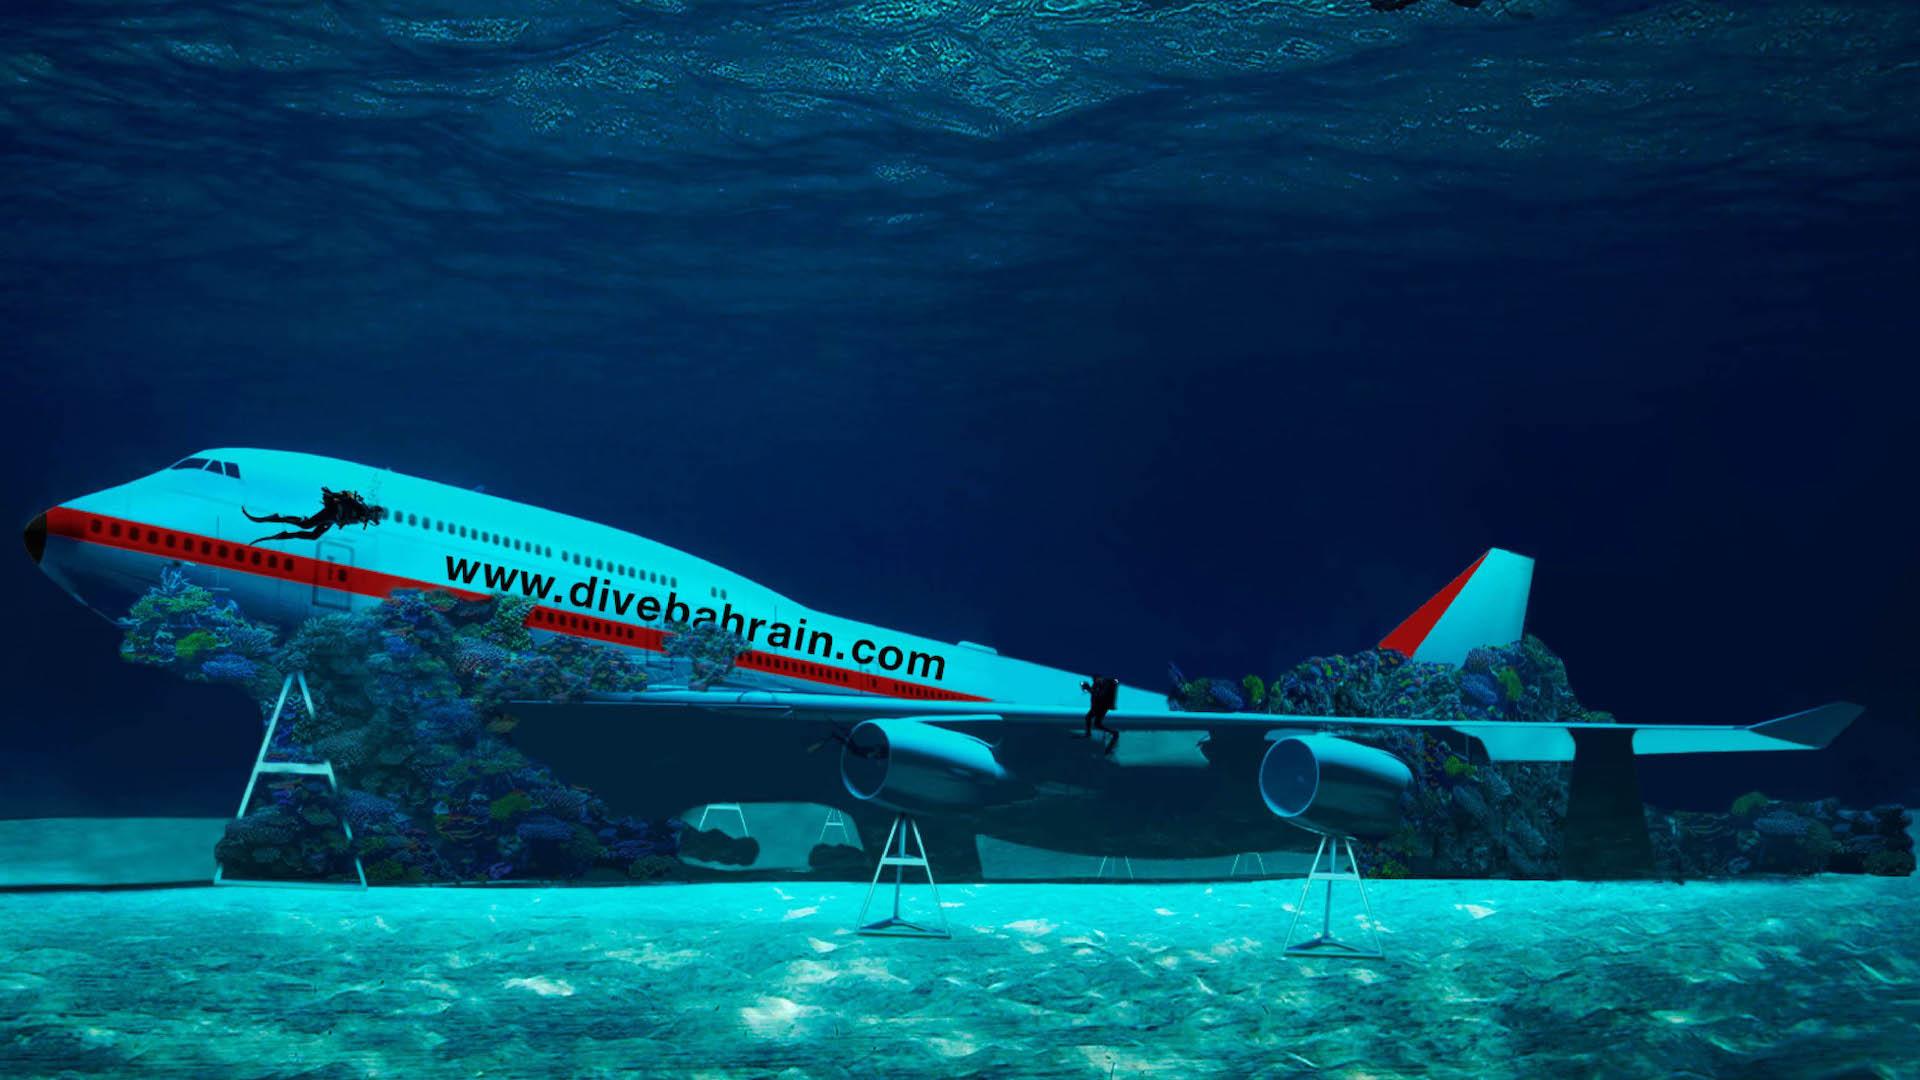 Abre el parque submarino más grande del mundo con un Boeing 747 hundido